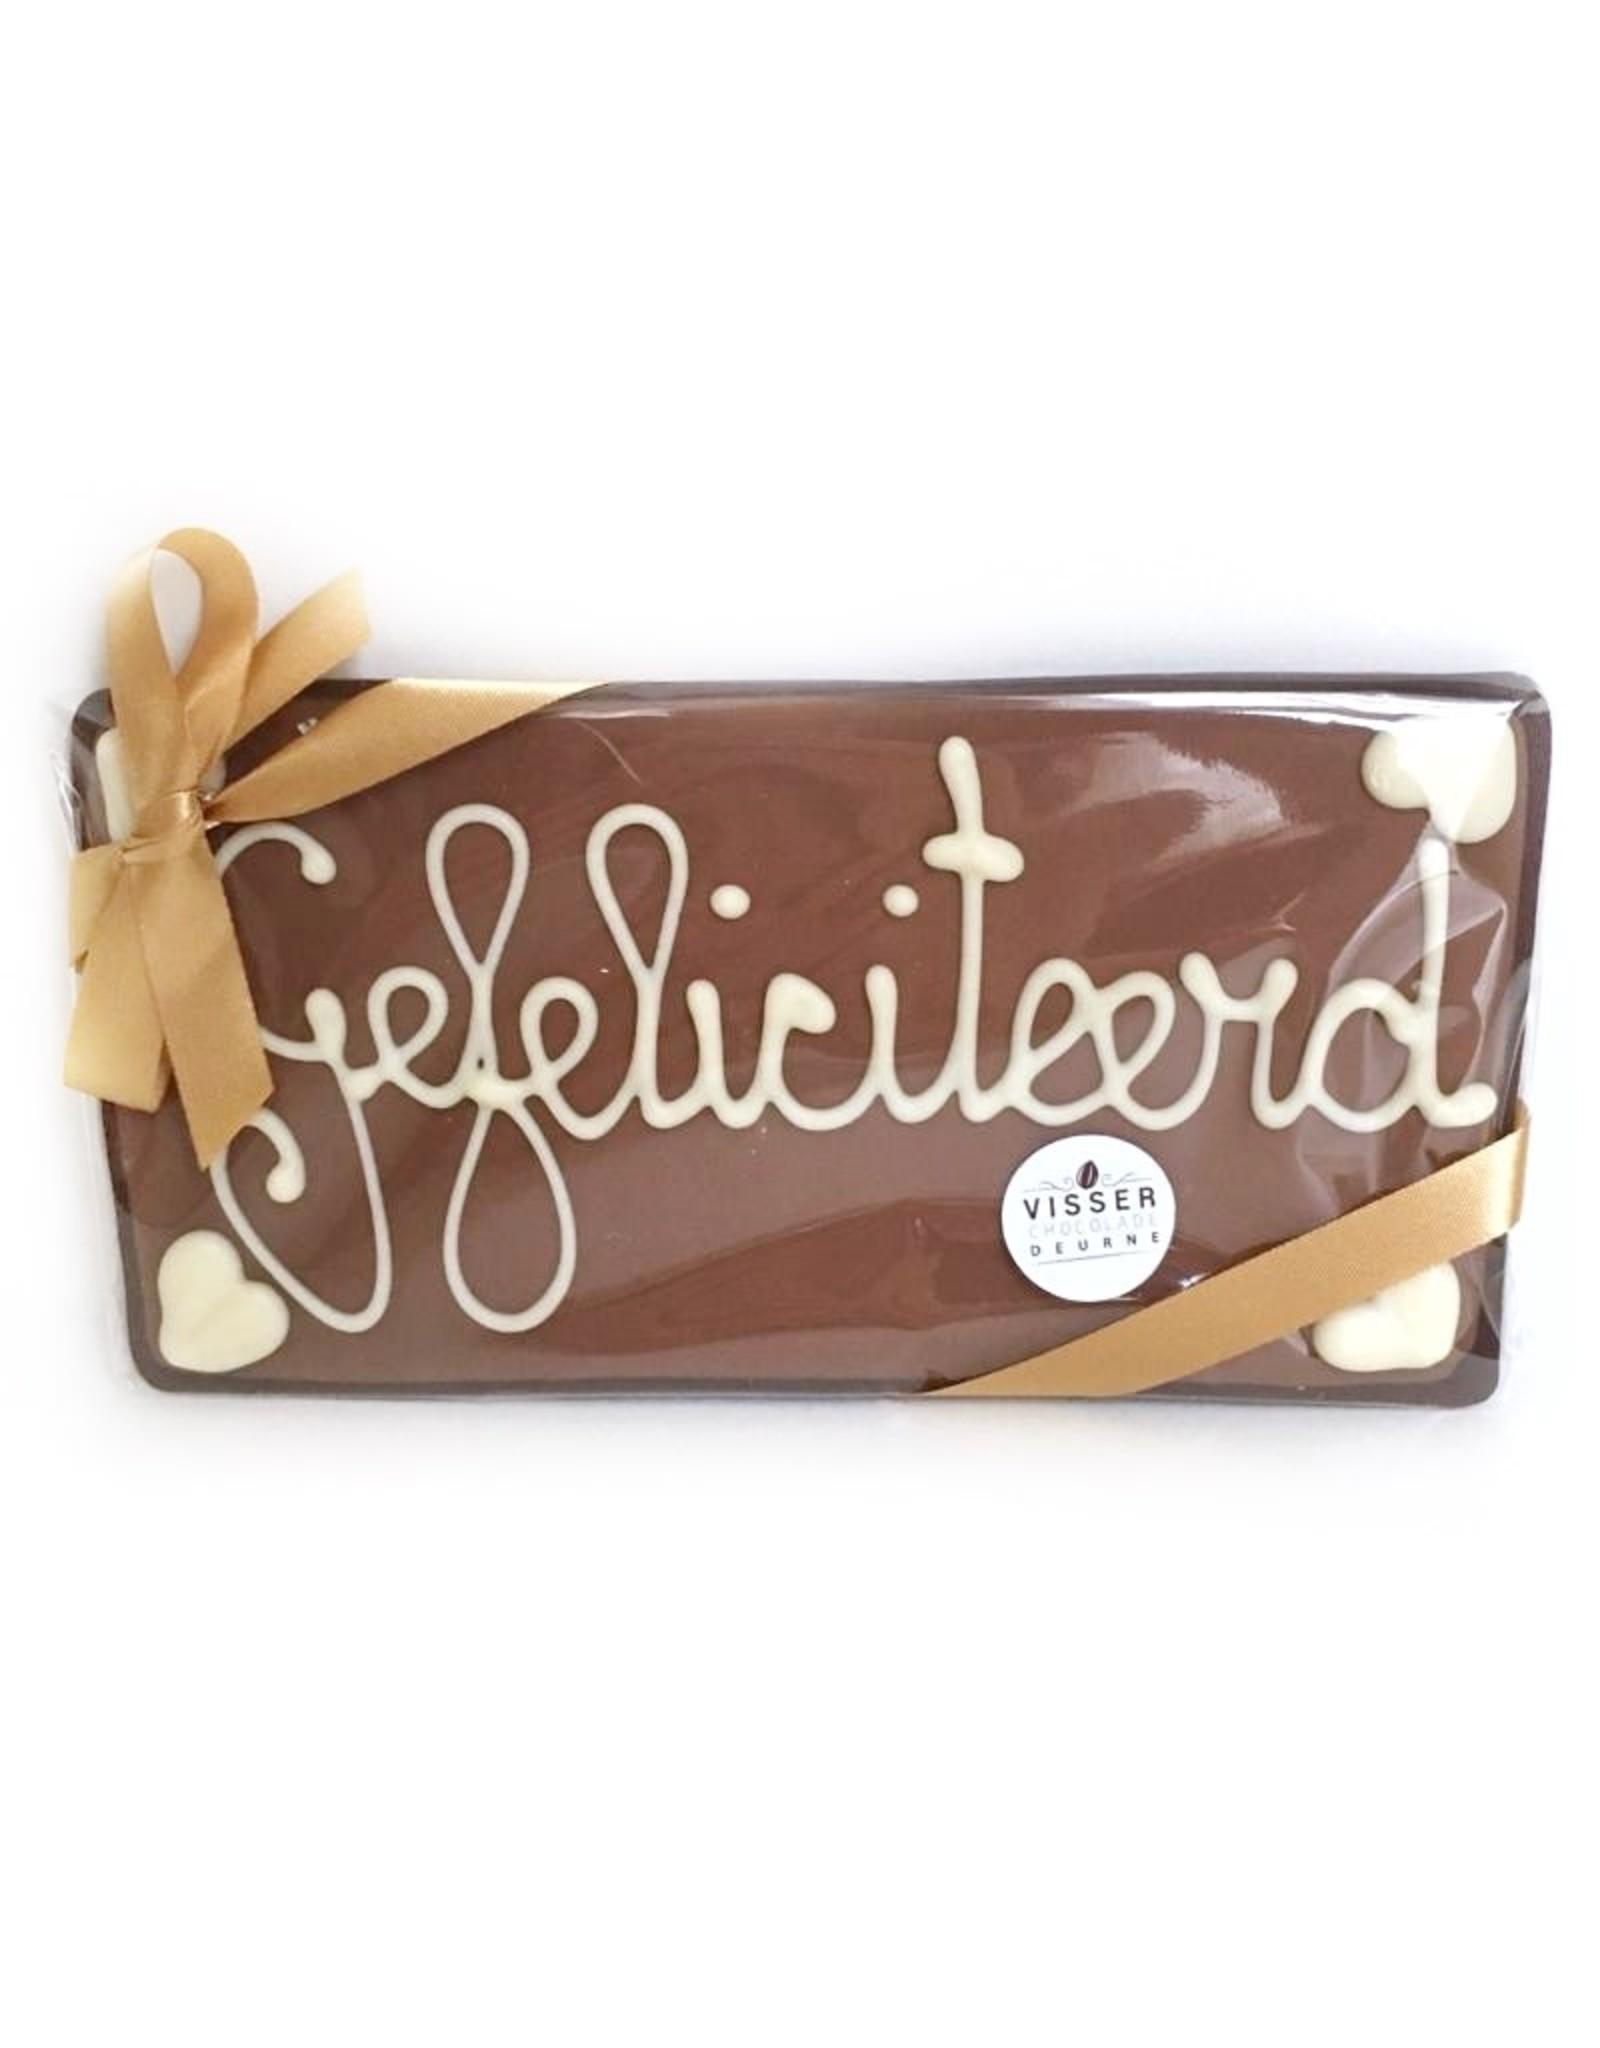 Visser Chocolade Gefeliciteerd - Klein